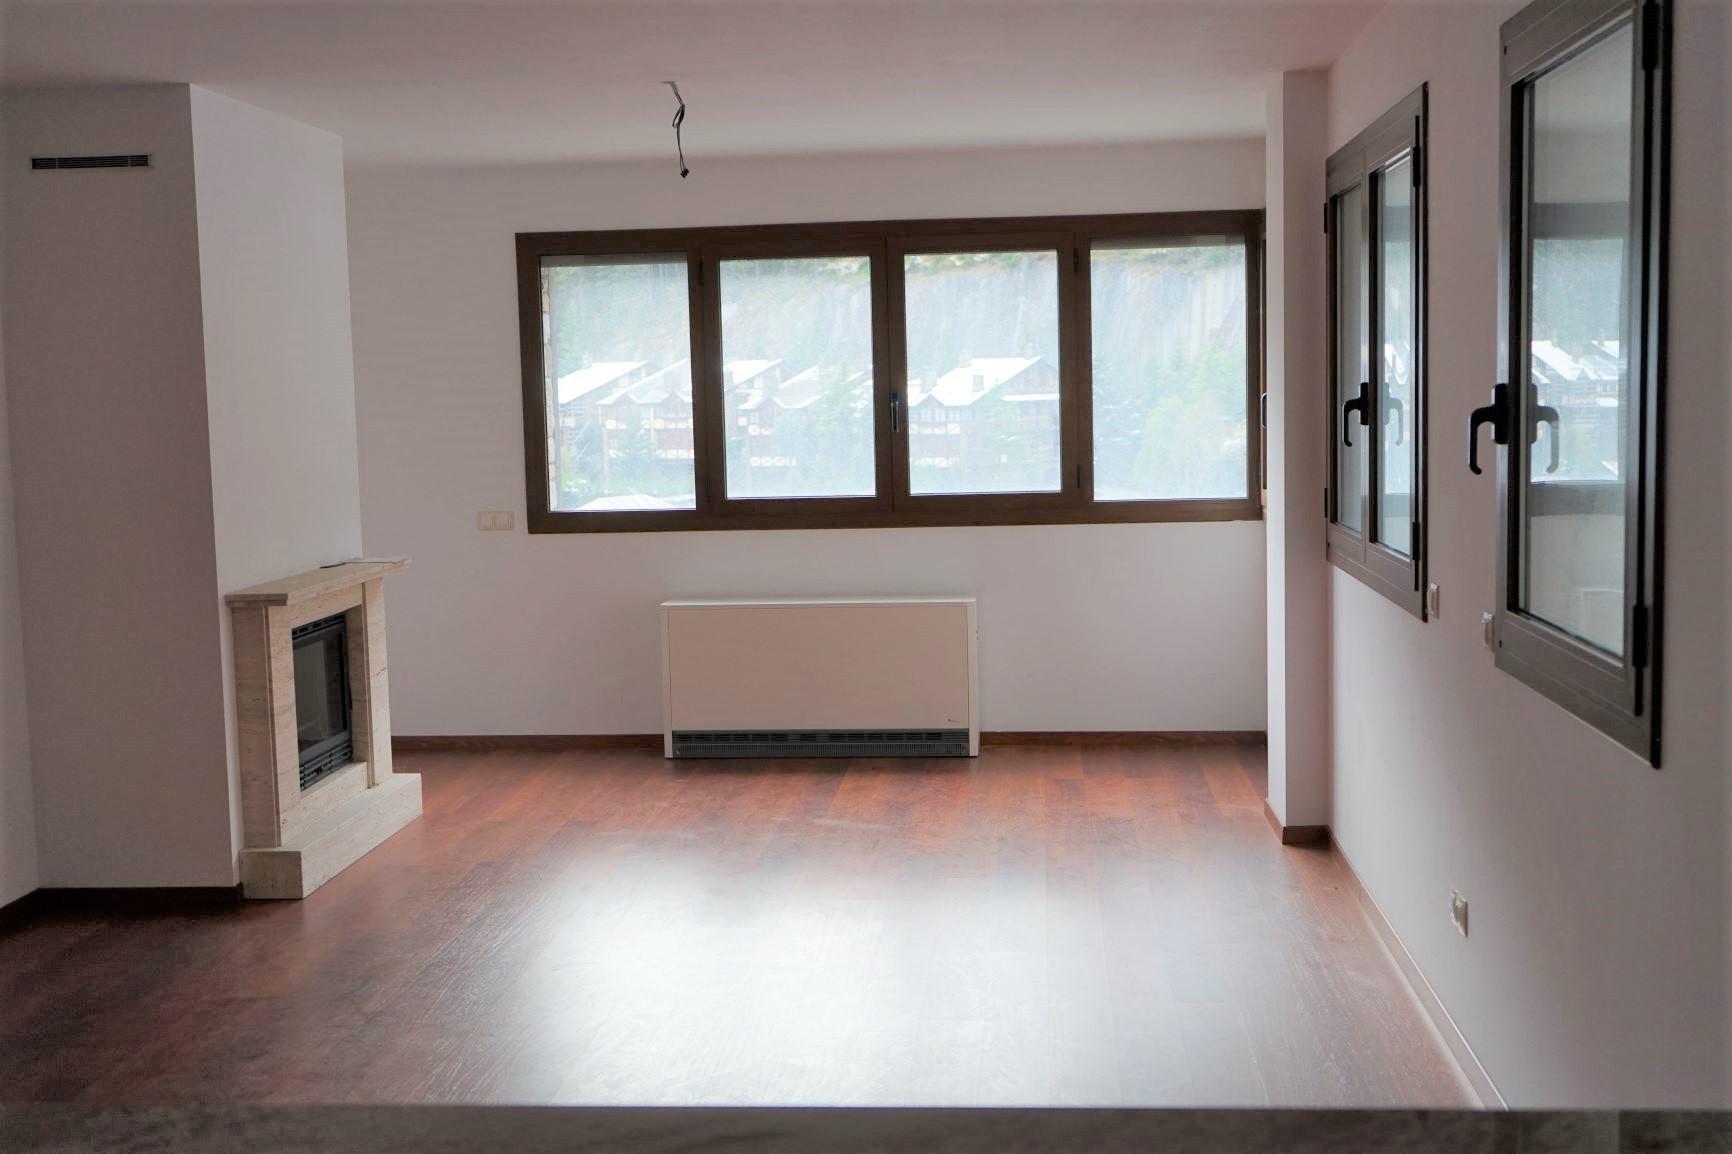 Pis de lloguer a Arinsal, 3 habitacions, 110 metres